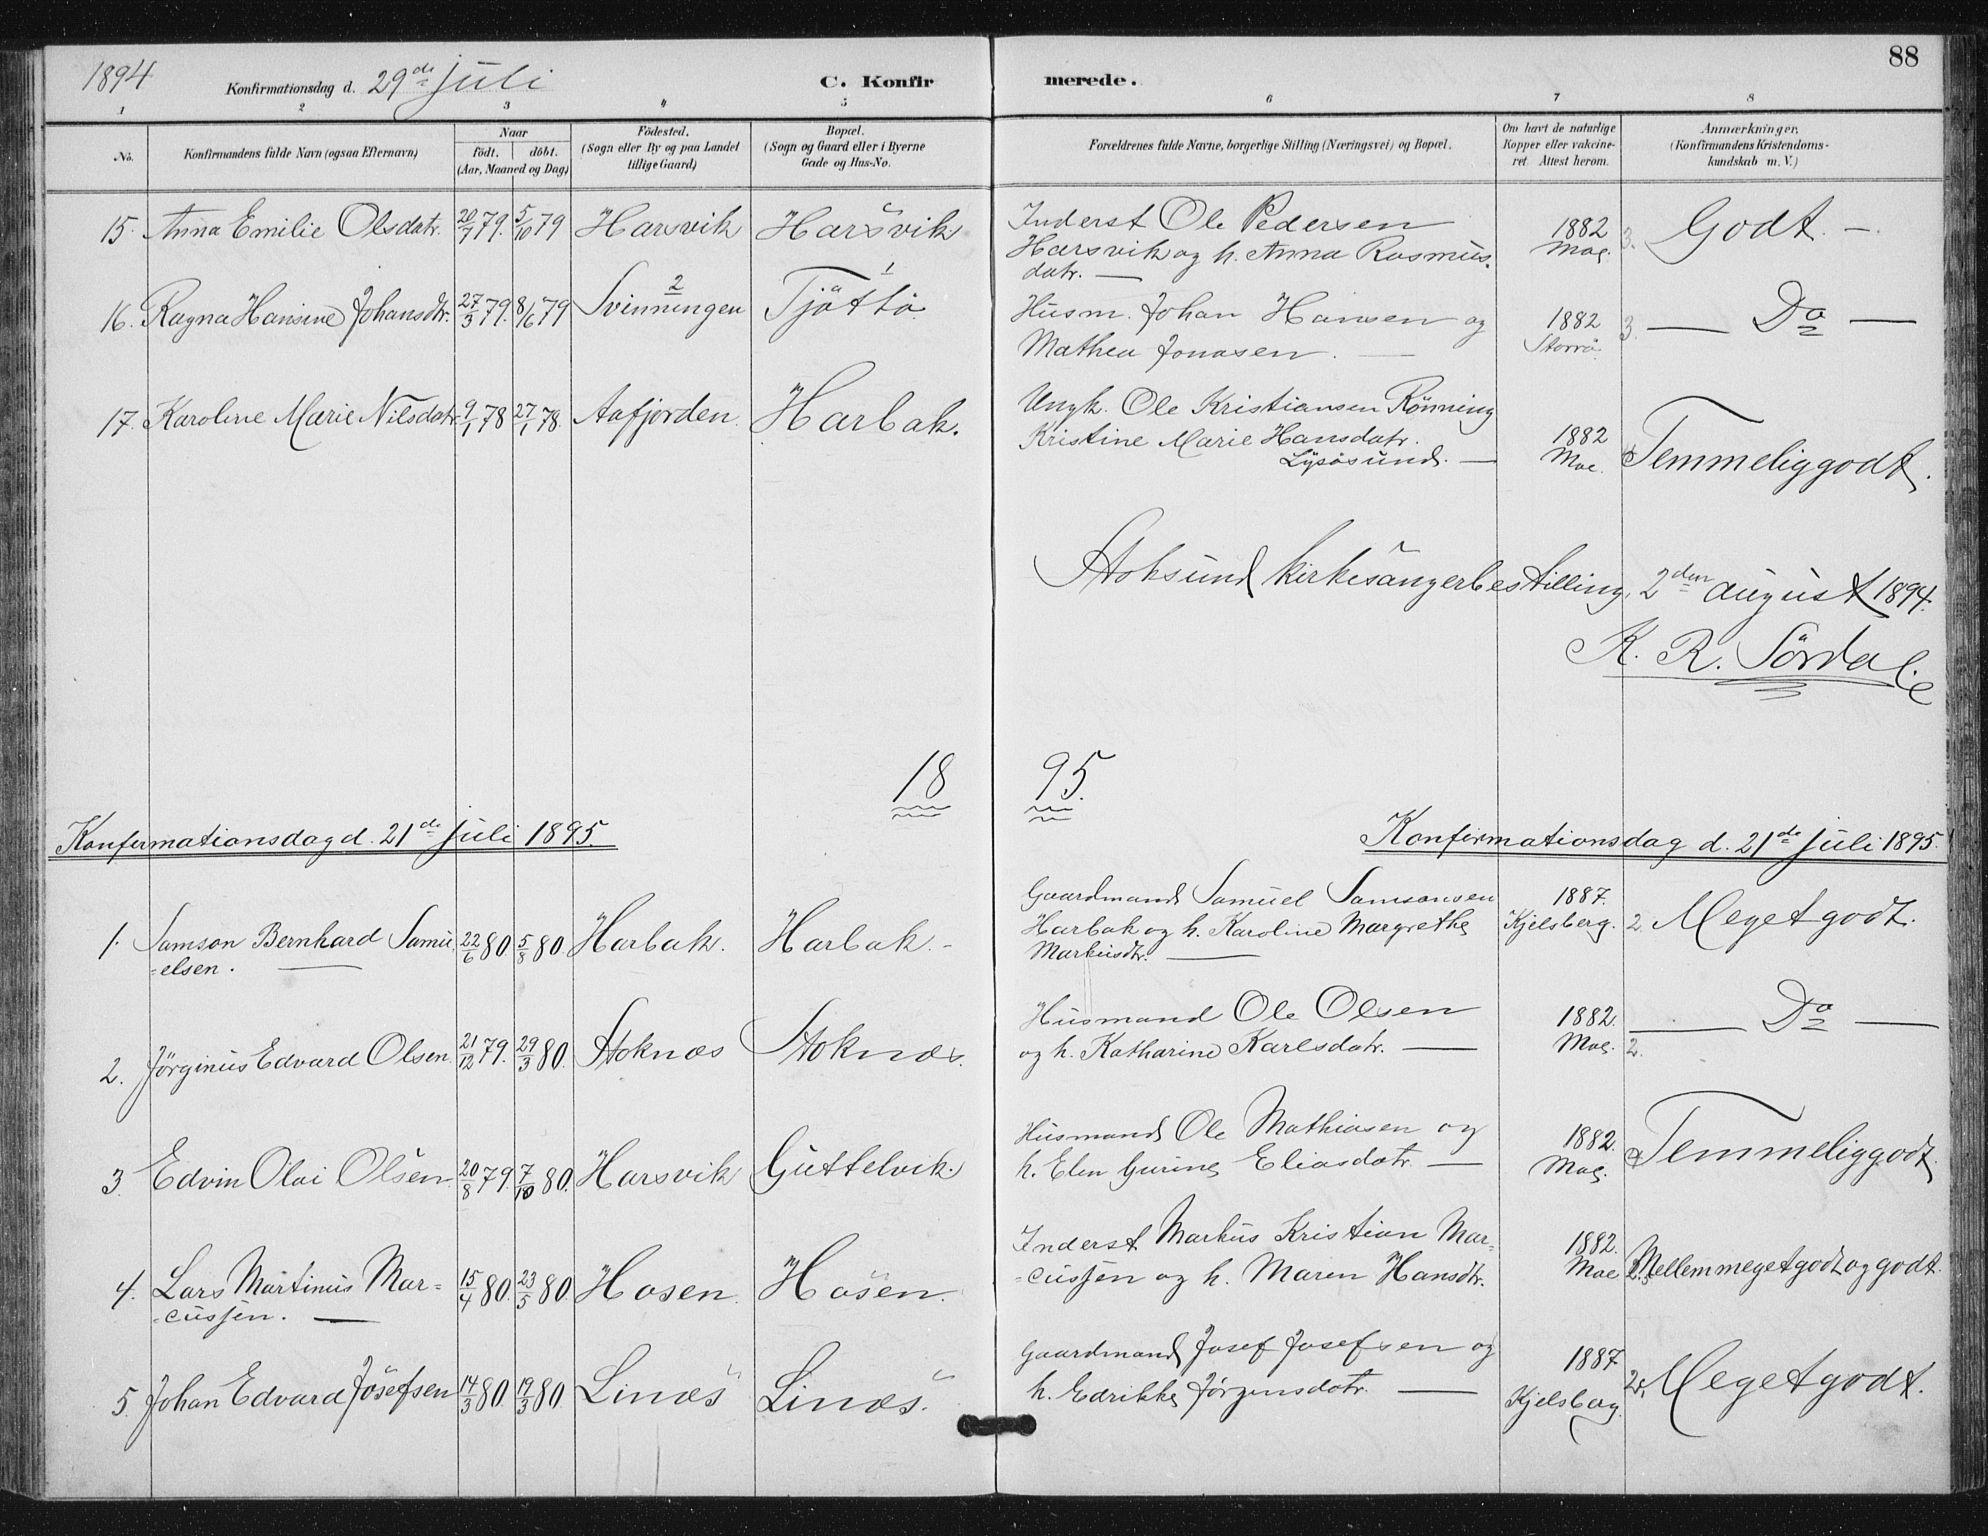 SAT, Ministerialprotokoller, klokkerbøker og fødselsregistre - Sør-Trøndelag, 656/L0698: Klokkerbok nr. 656C04, 1890-1904, s. 88